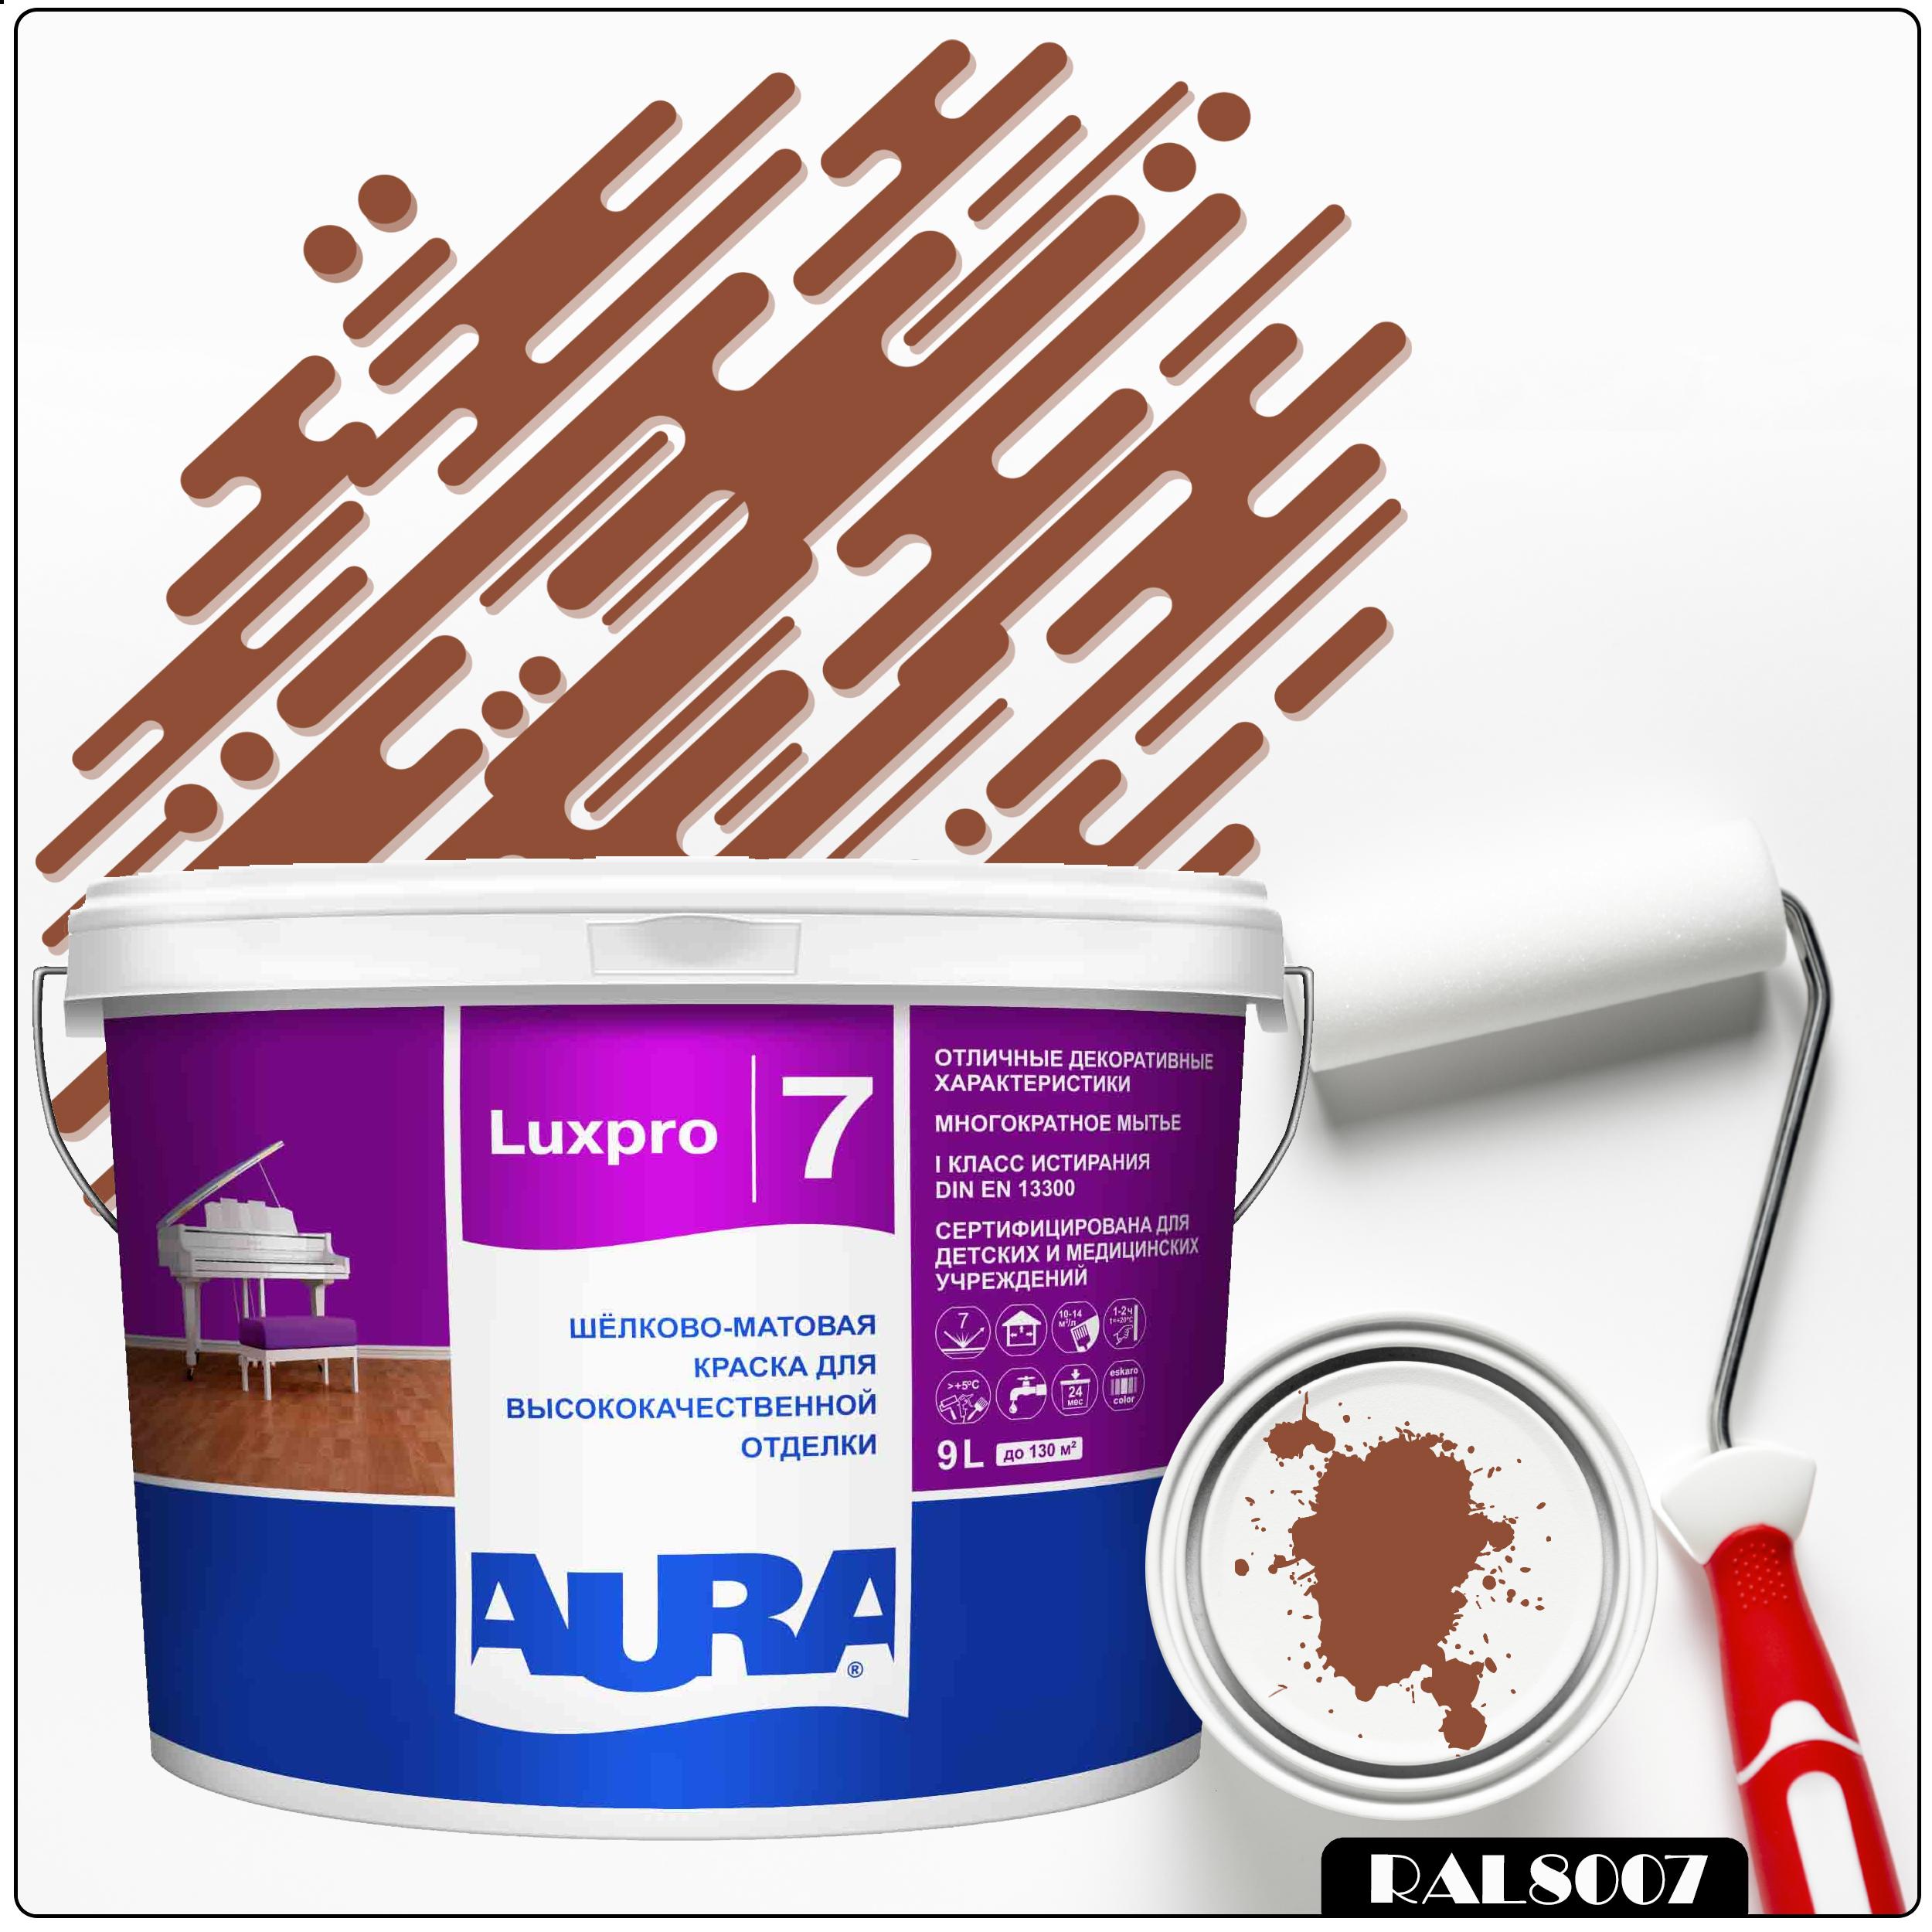 Фото 6 - Краска Aura LuxPRO 7, RAL 8007 Коричневый олень, латексная, шелково-матовая, интерьерная, 9л, Аура.